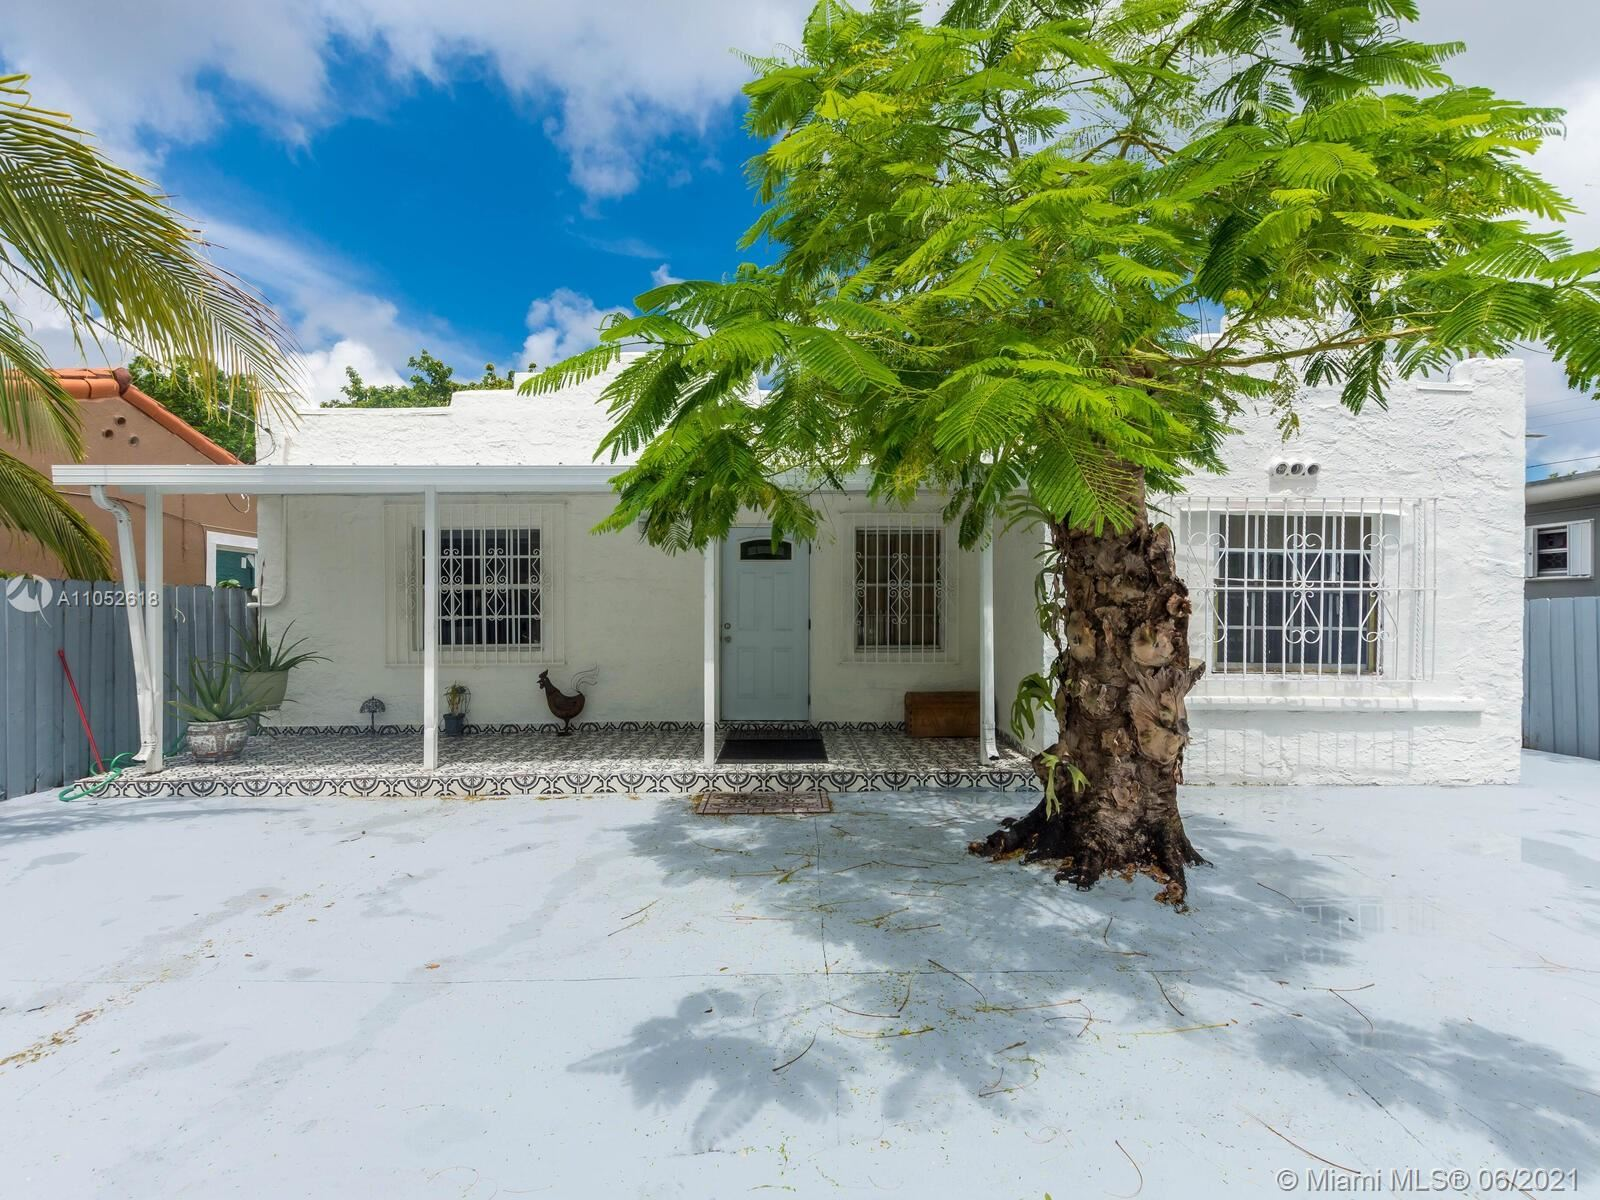 3313 NW 13th Ave, Miami, FL 33142 - #: A11052618